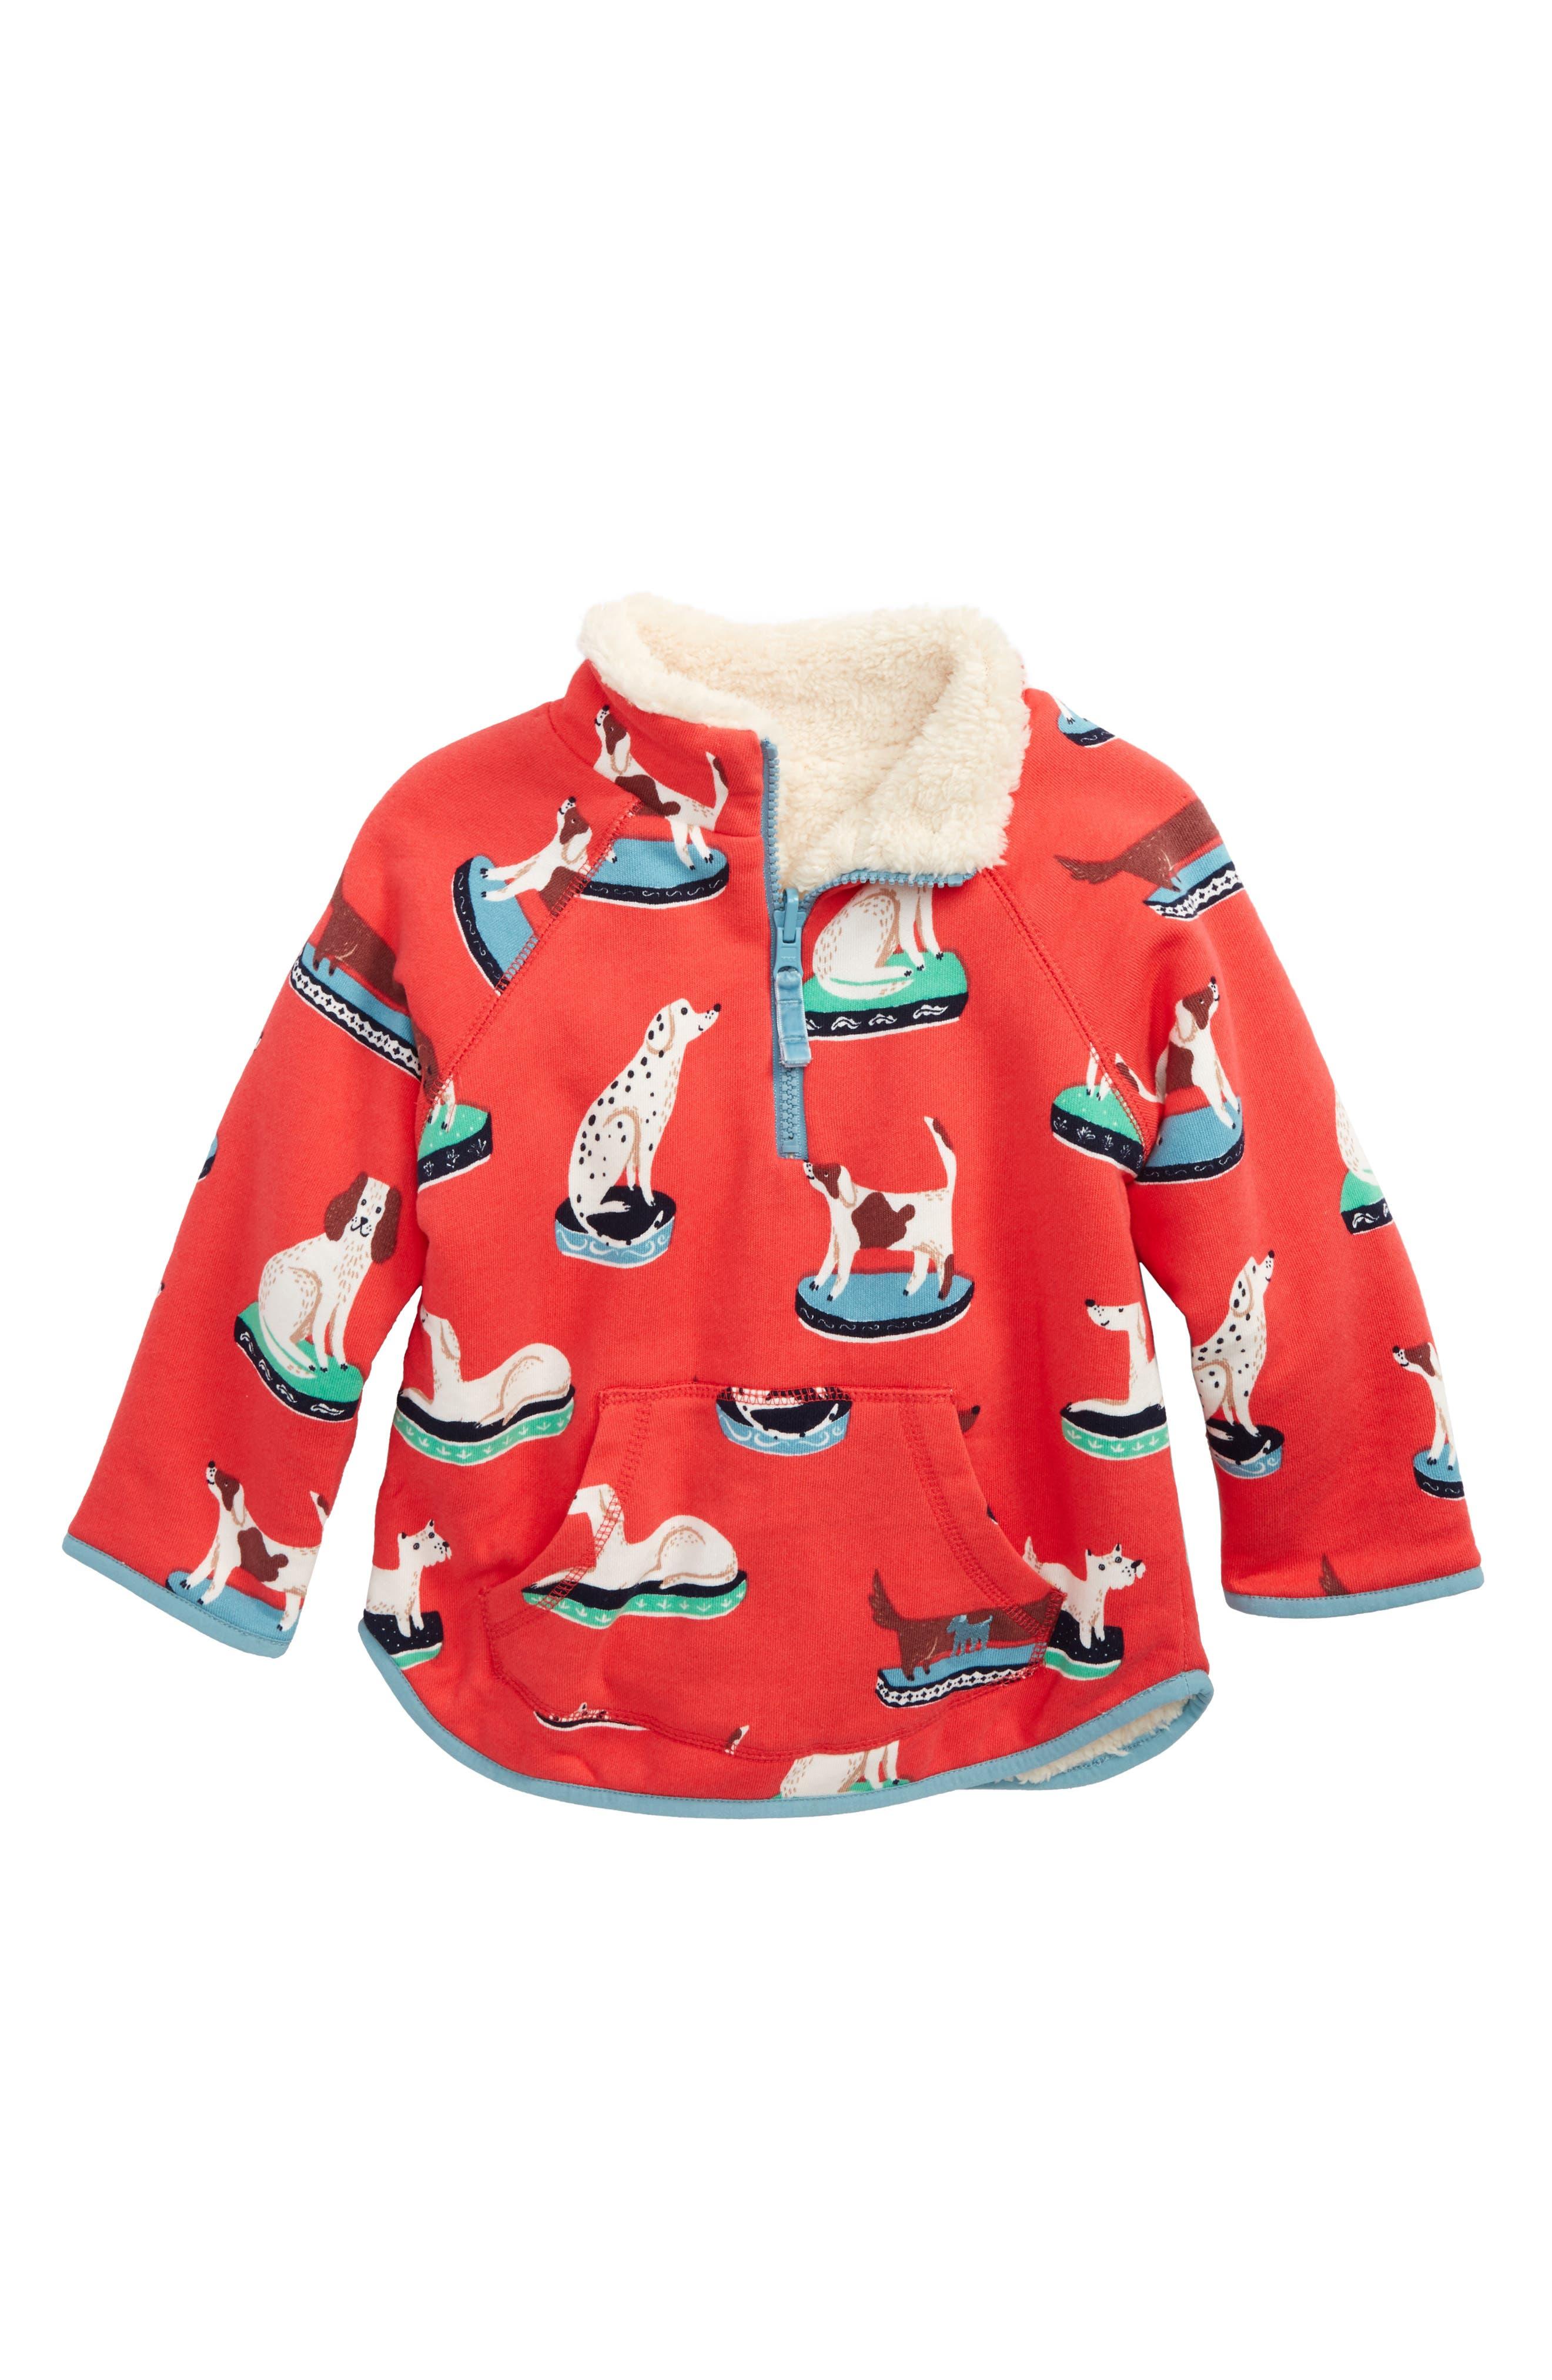 Alternate Image 1 Selected - Mini Boden Teddy Bear Reversible Half Zip Pullover (Toddler Girls, Little Girls & Big Girls)